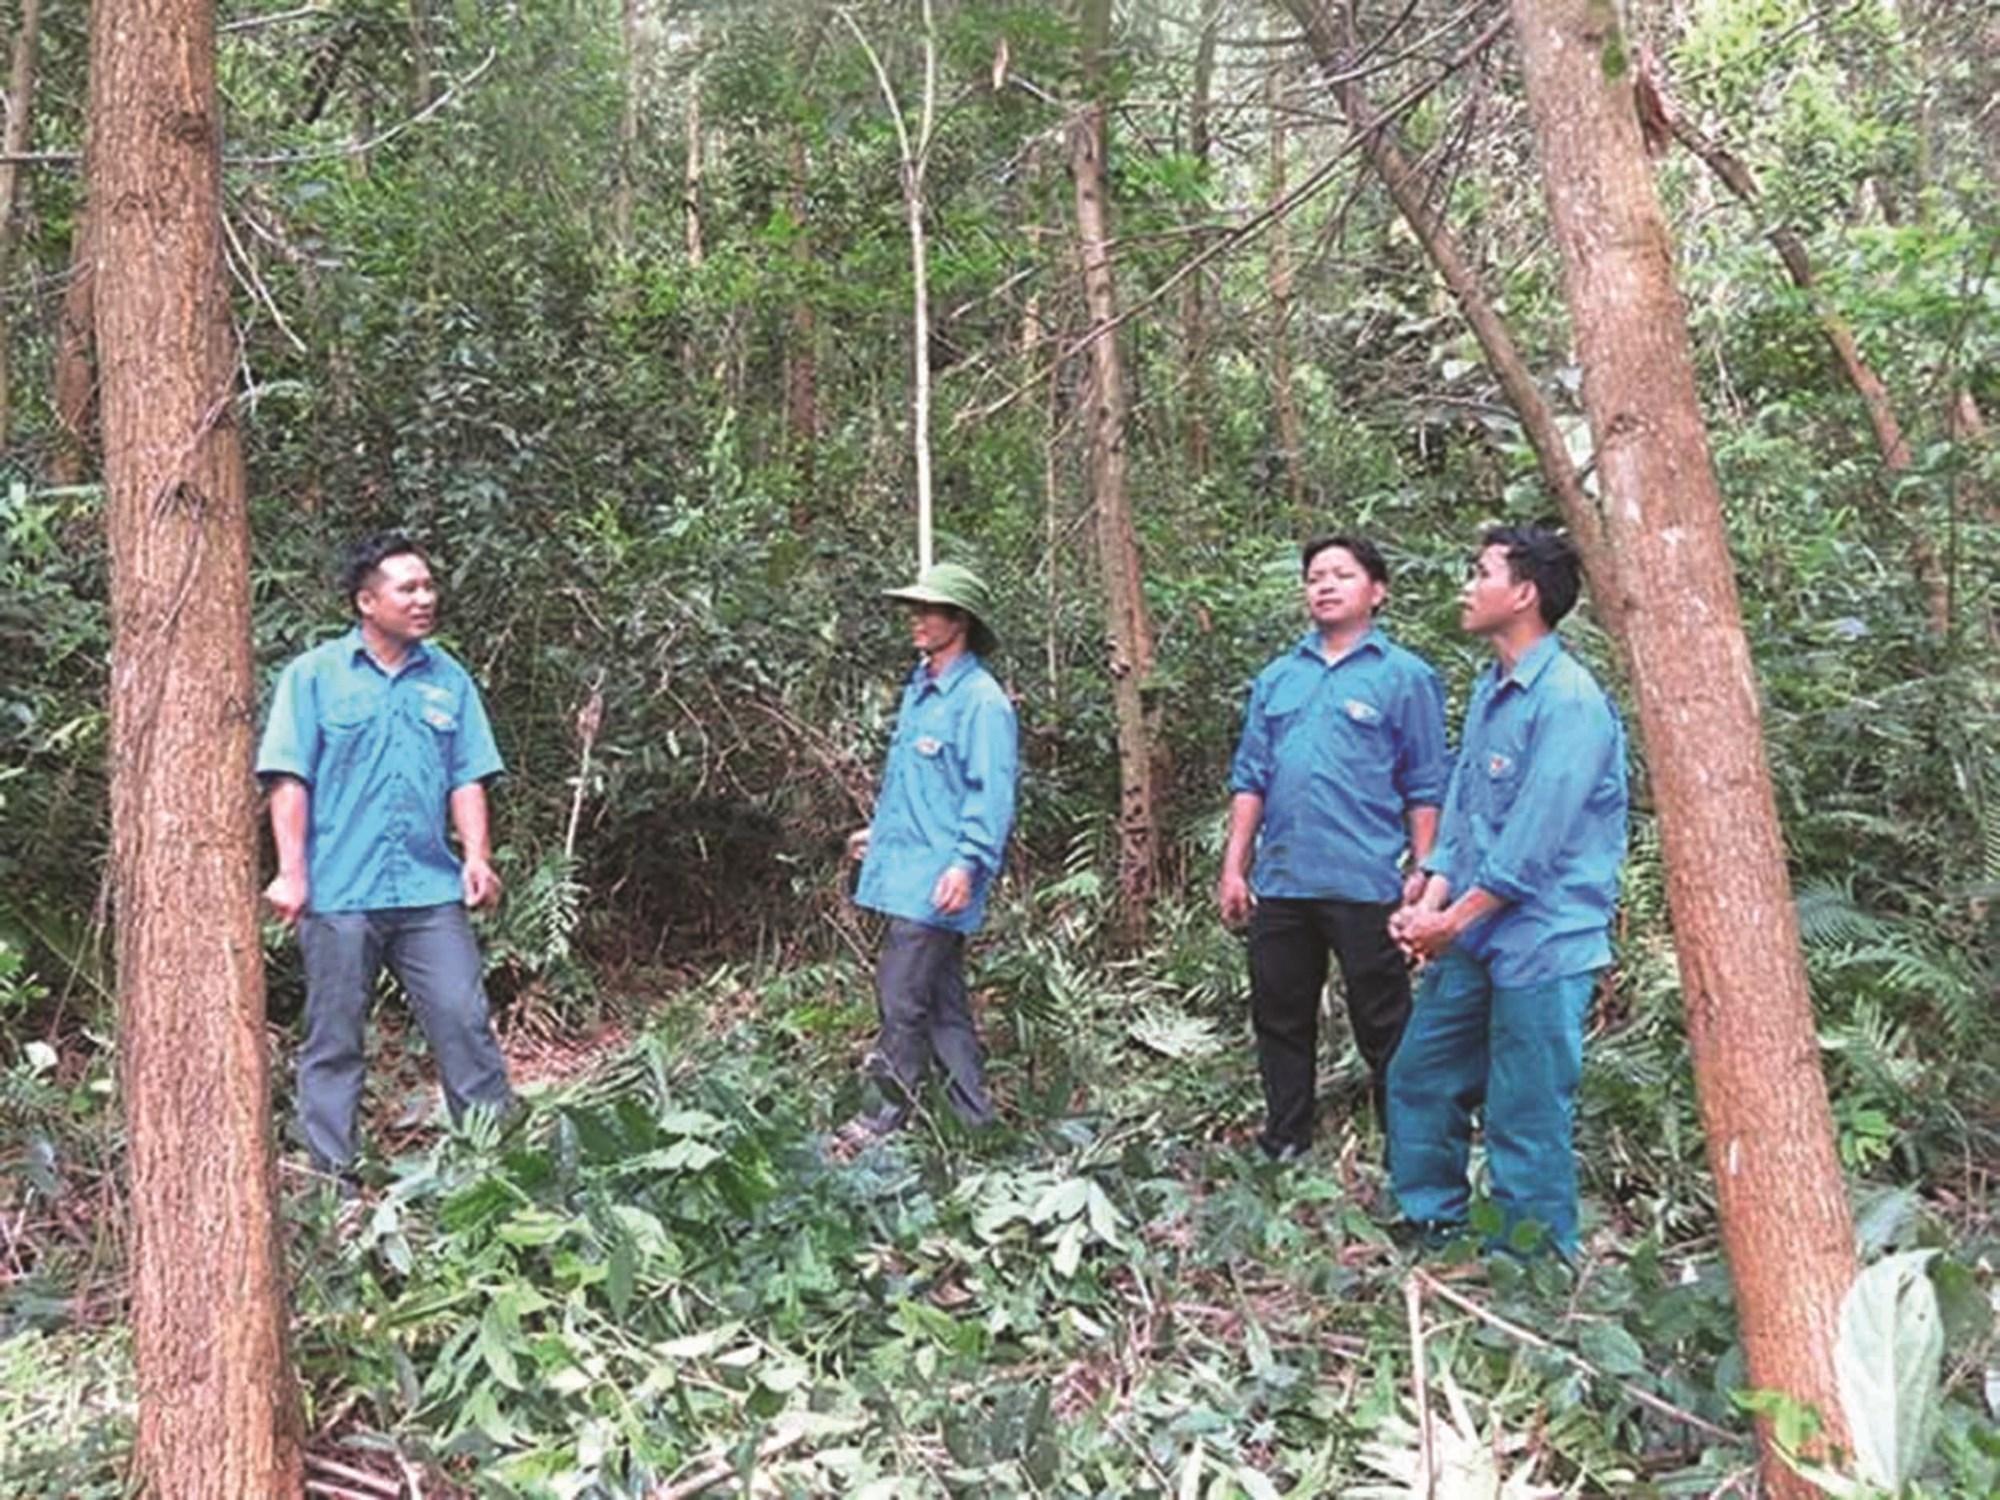 Đoàn viên thanh niên thôn Tàu Tiến, xã Đồn Đạc, huyện Ba Chẽ chia sẻ về kinh nghiệm trồng rừng